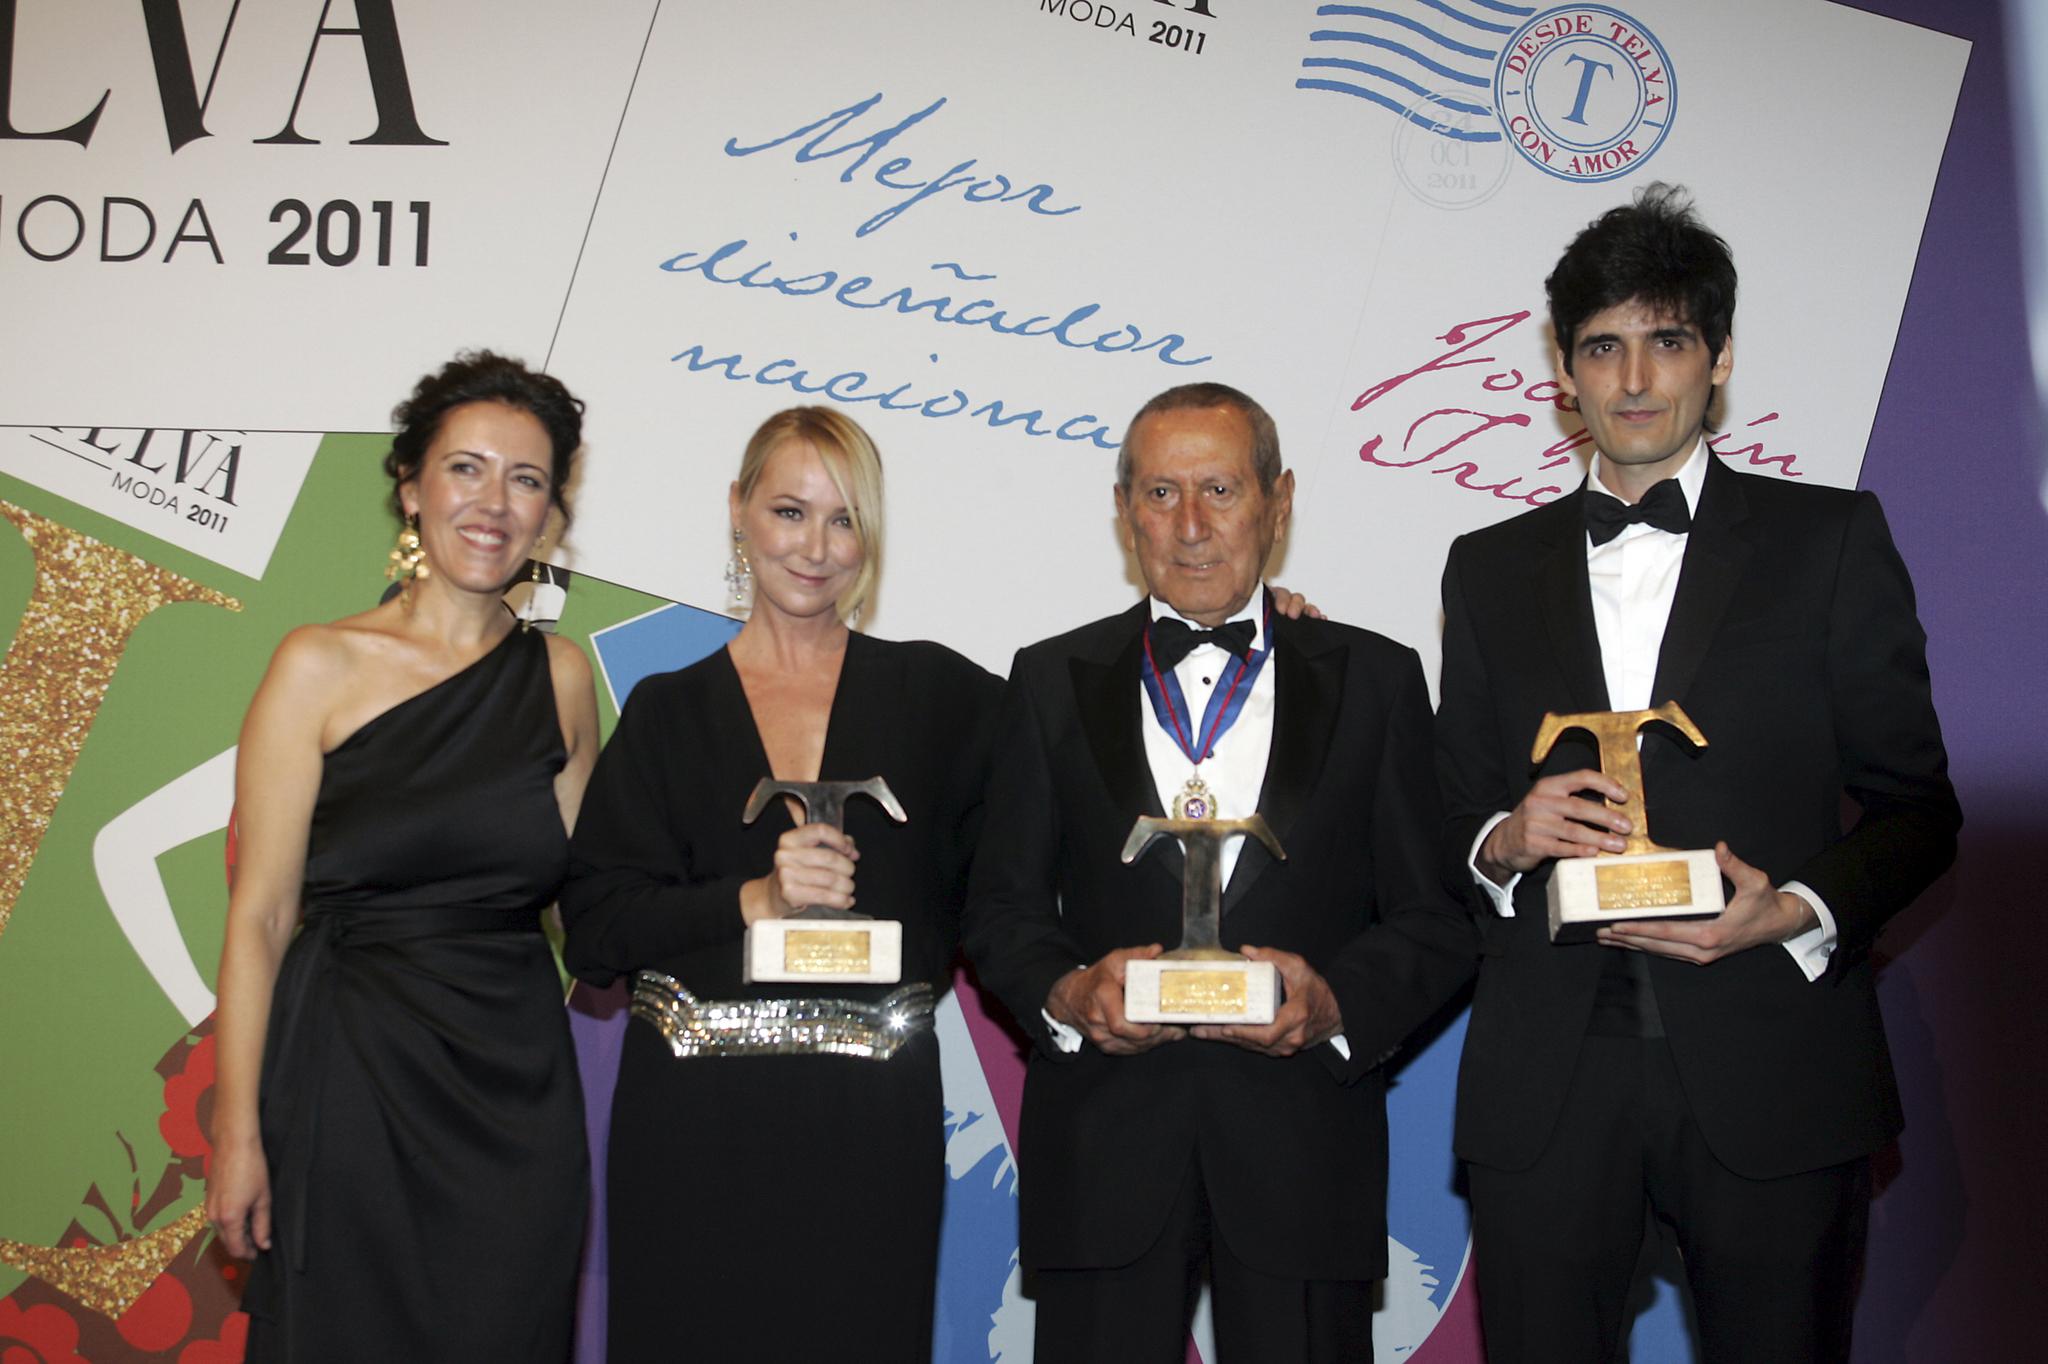 Olga Ruiz en los Premios TELVA de Moda de 2011 con Elio Berhanyer,...